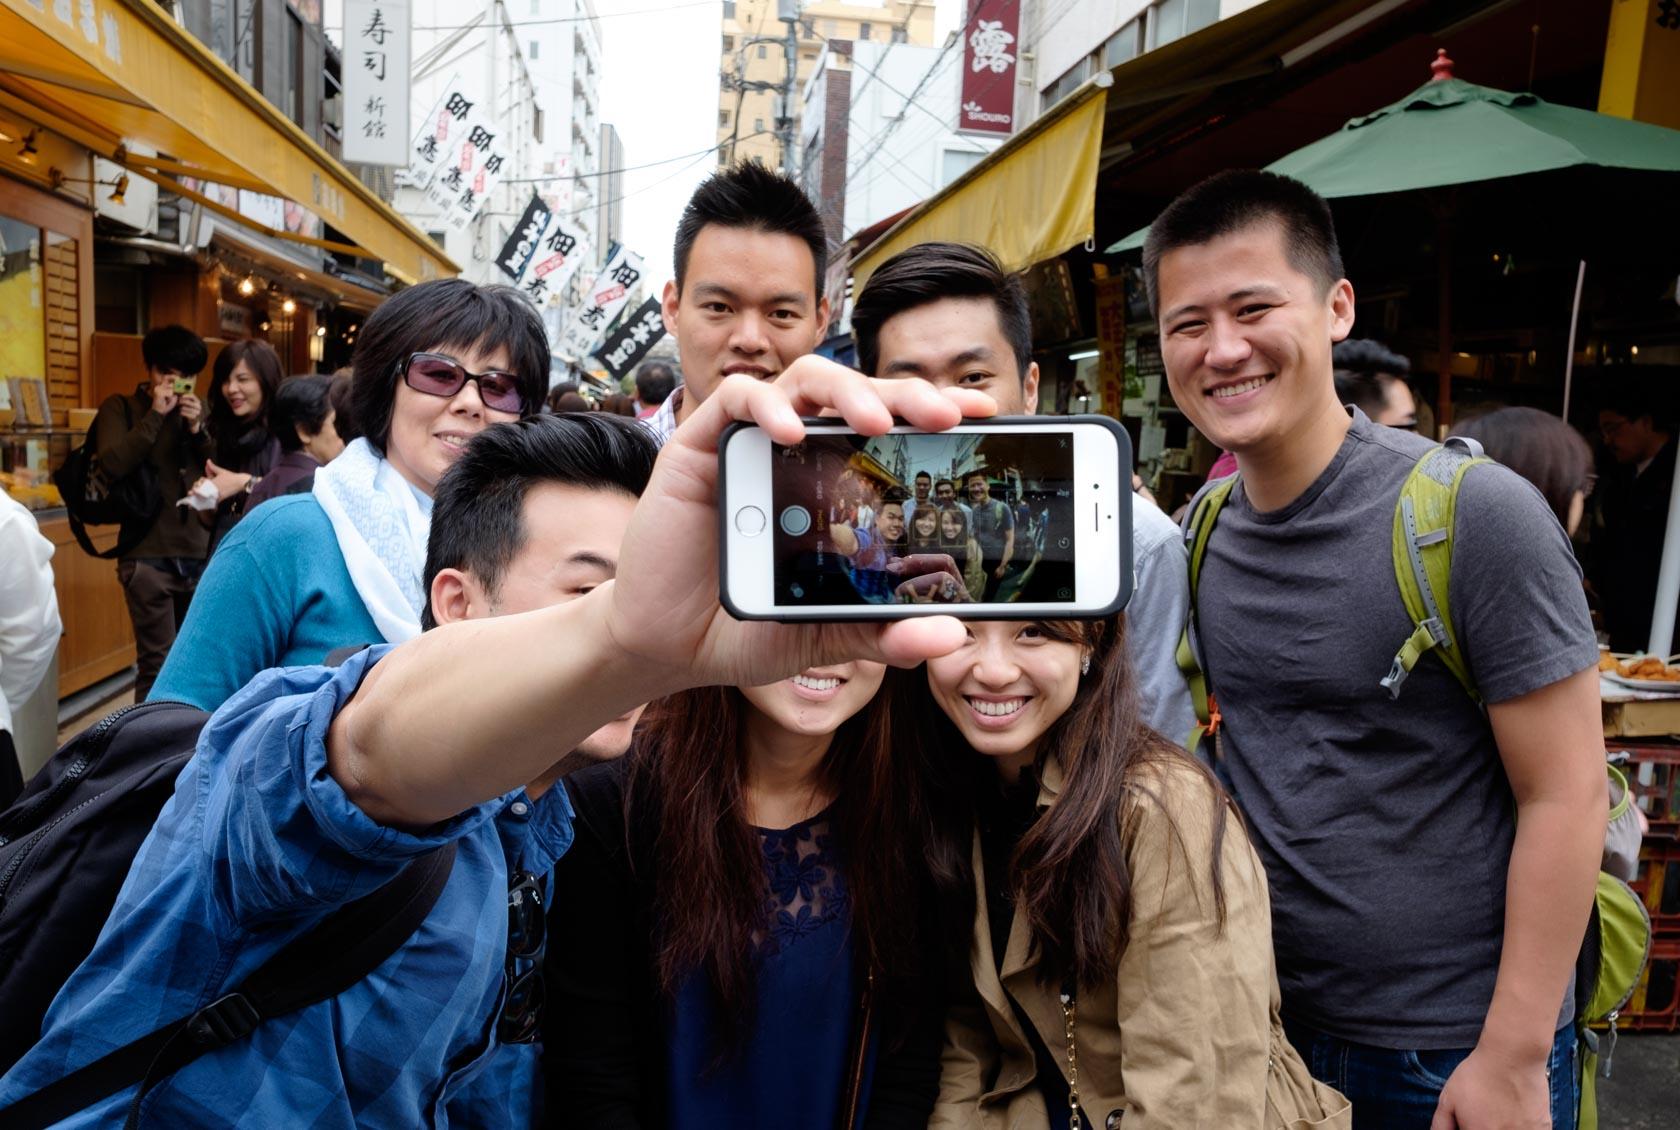 Other People's Selfies, Tokyo, Japan